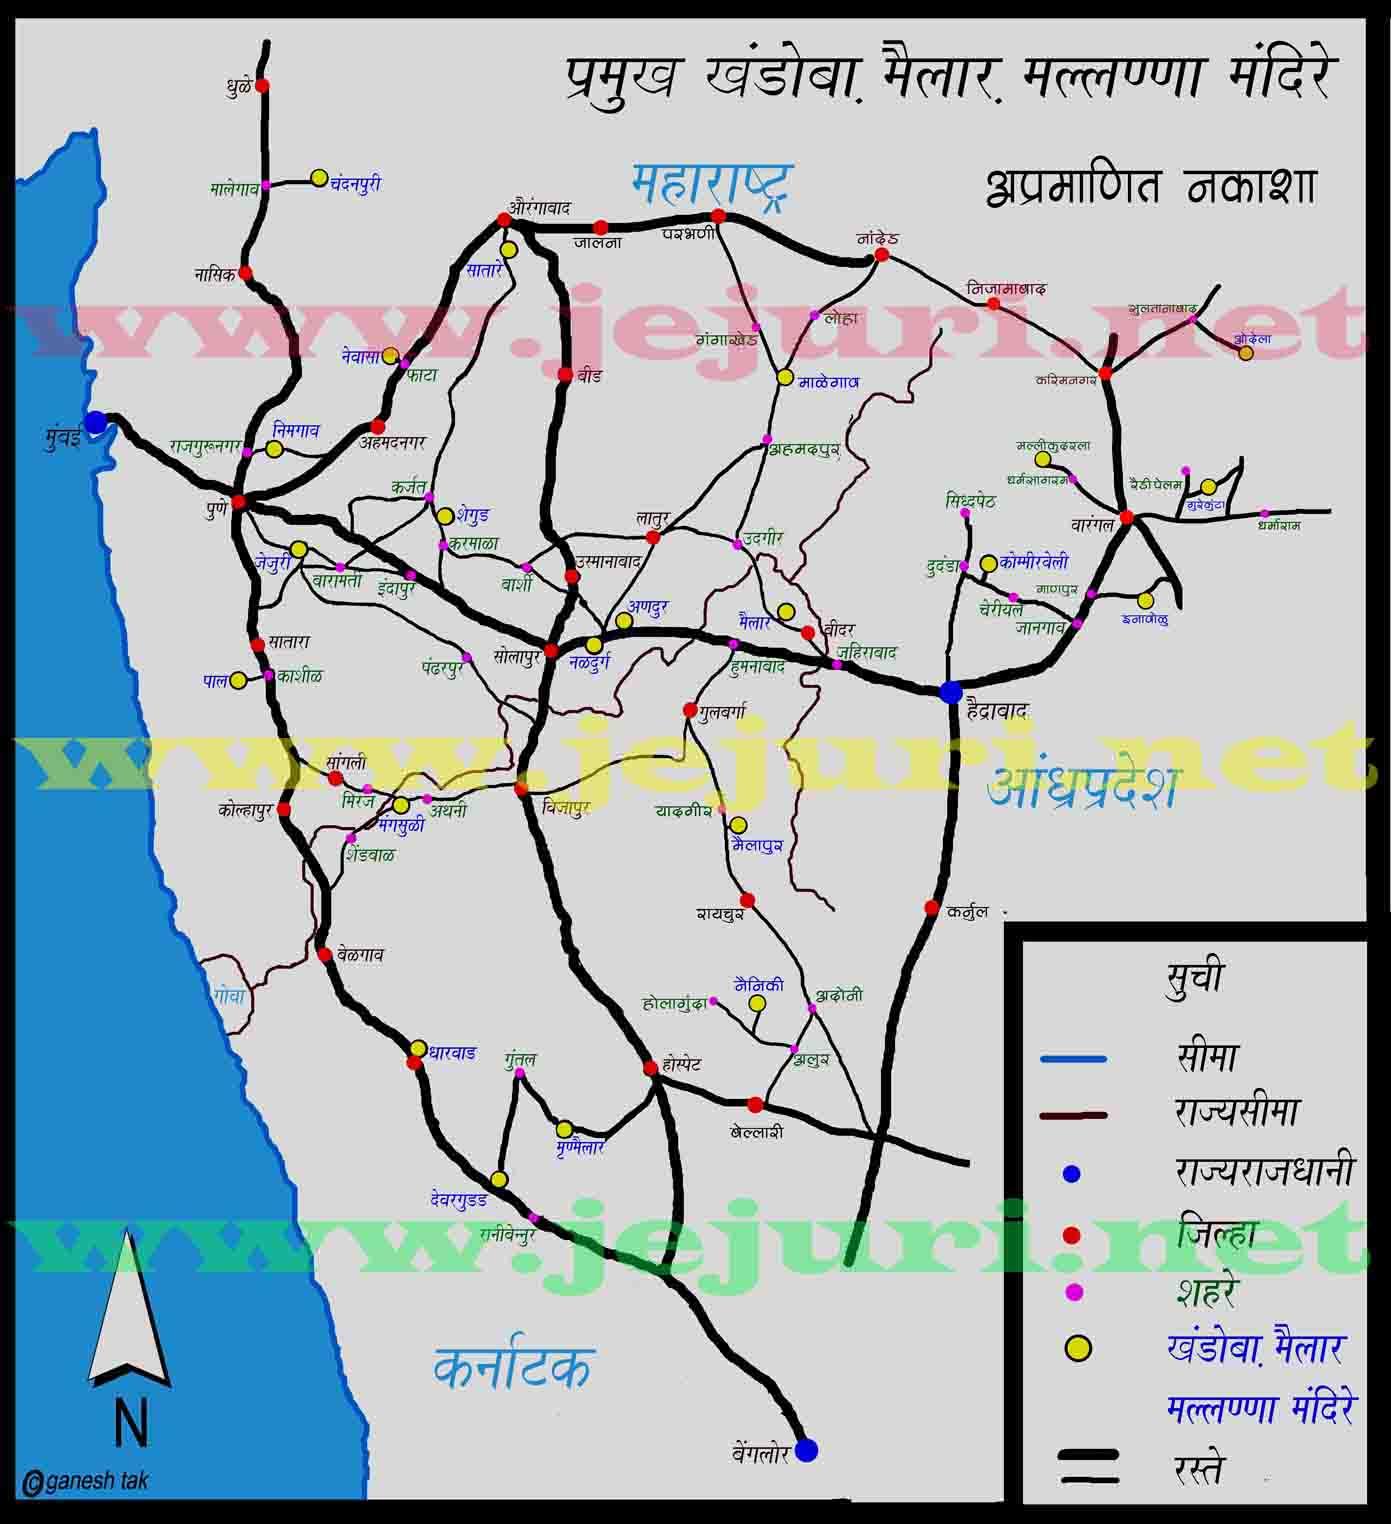 khandoba temple map